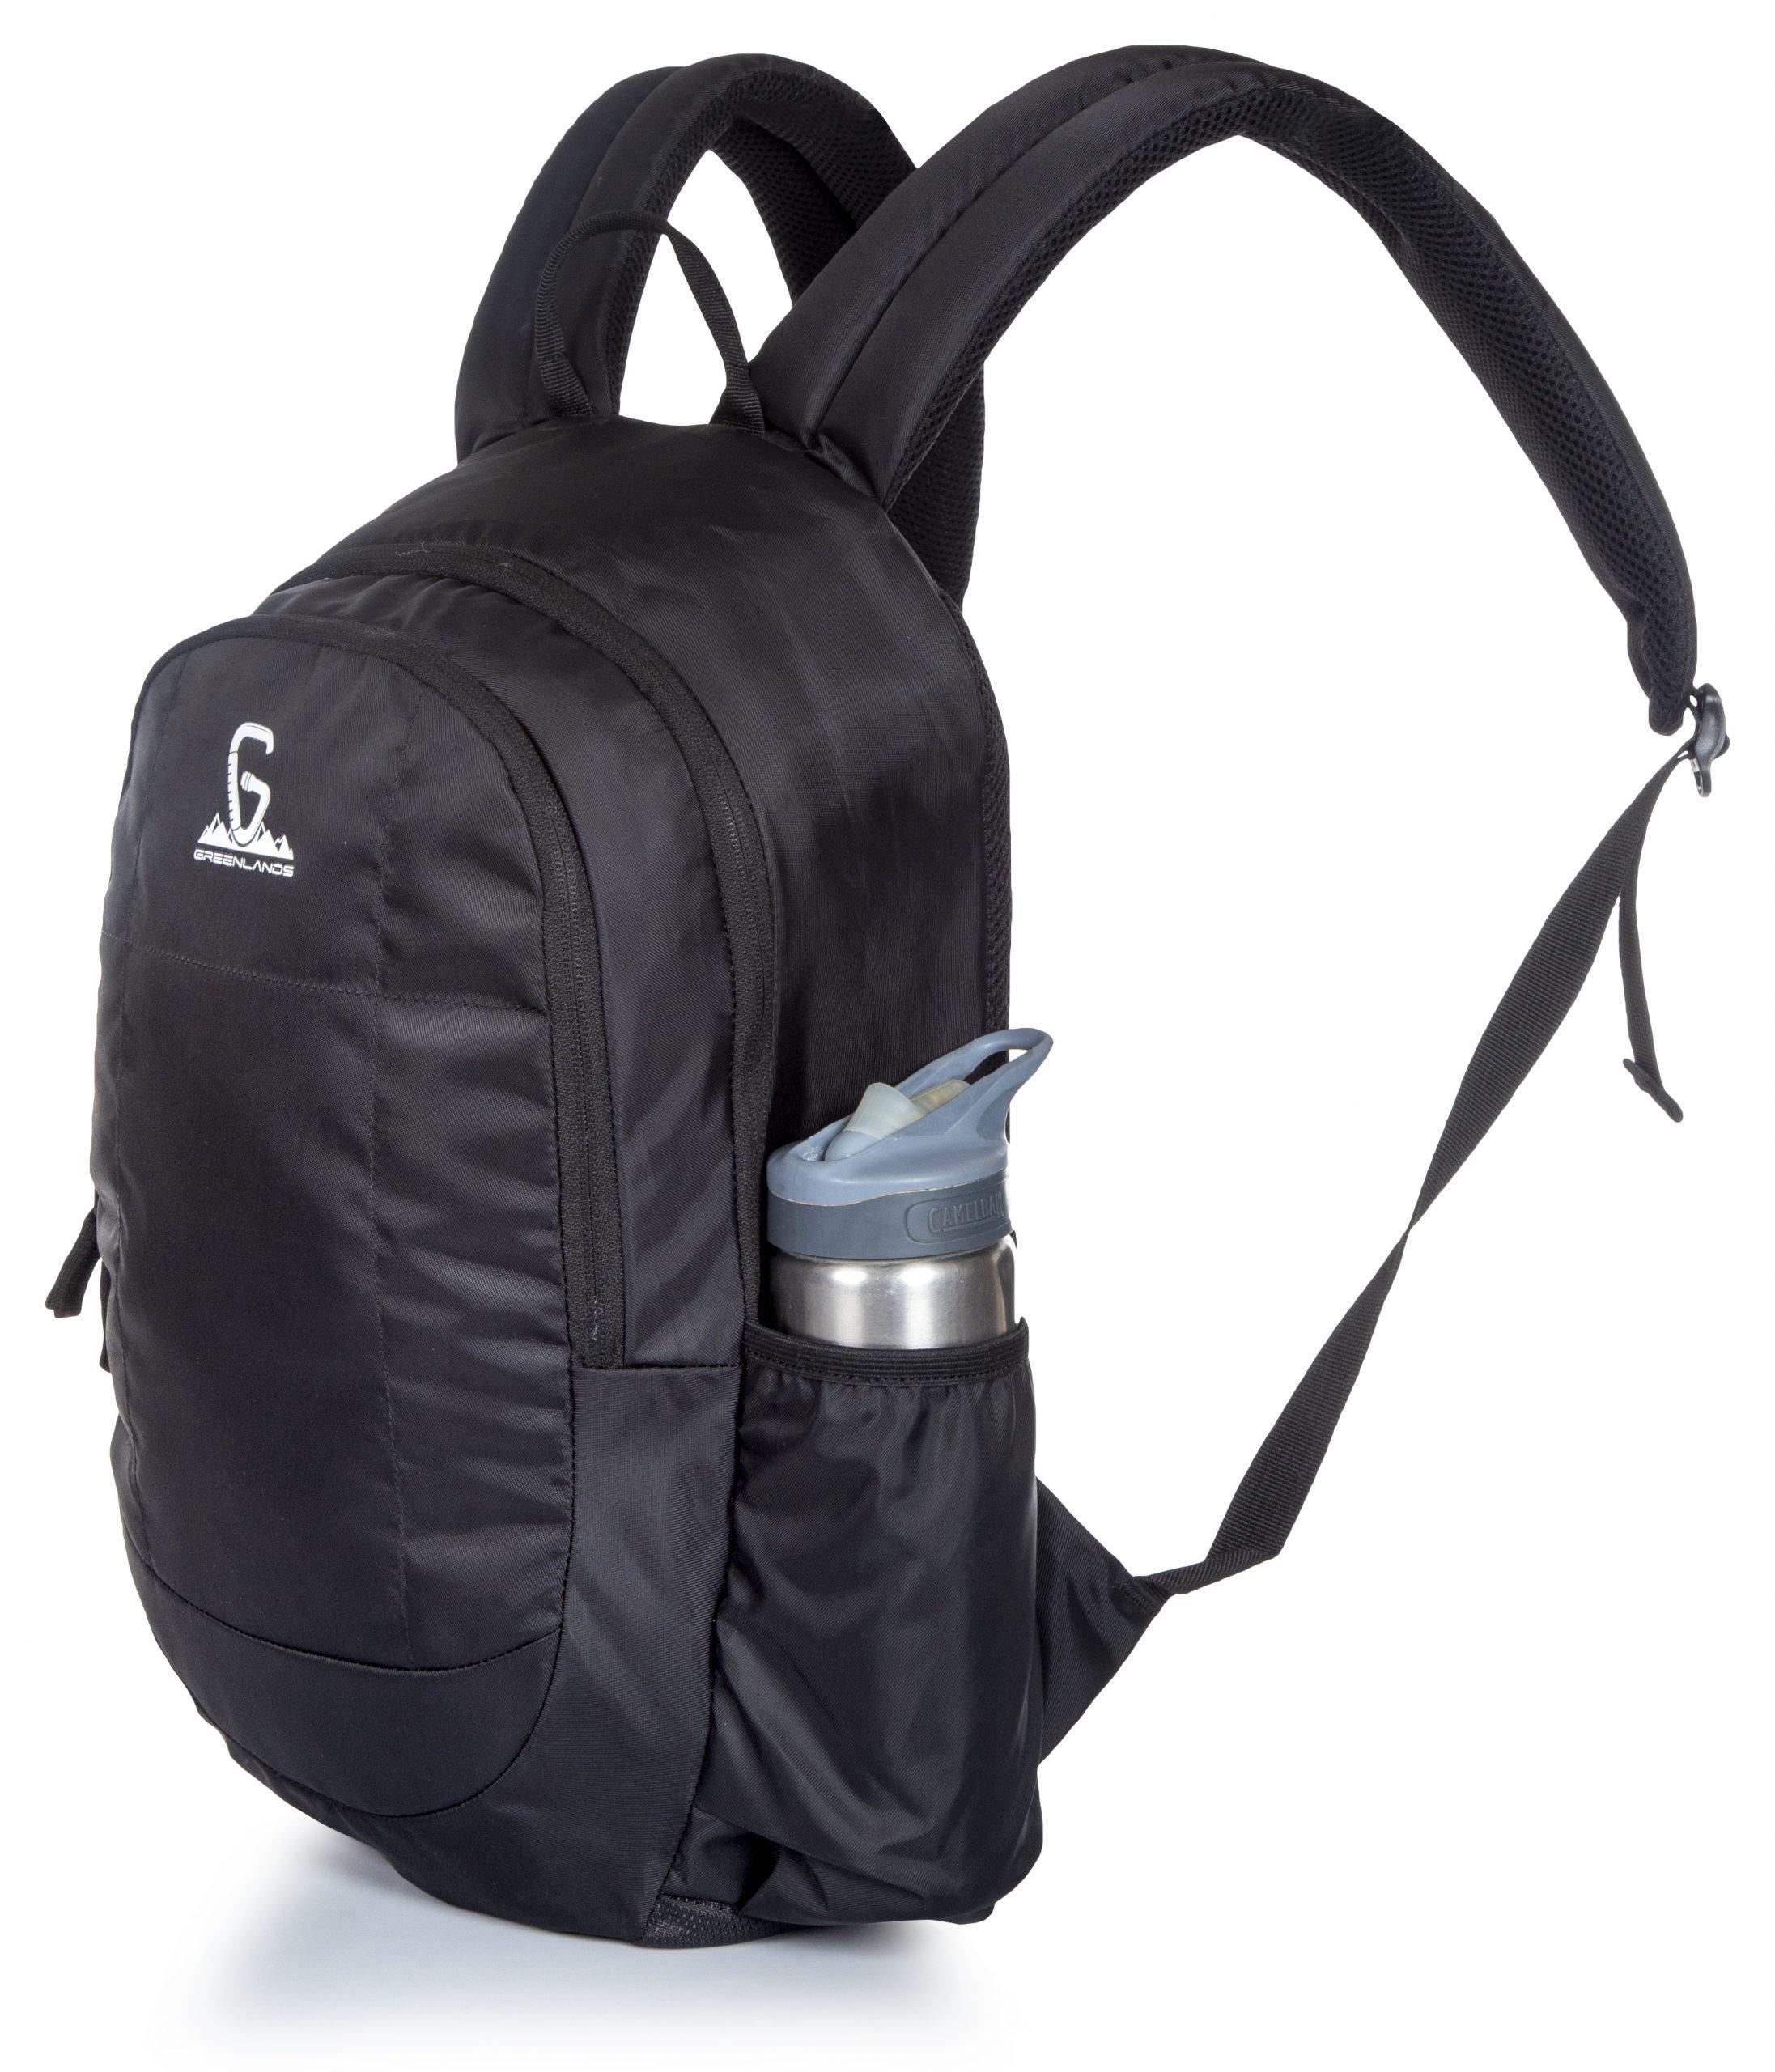 Dyno Bag